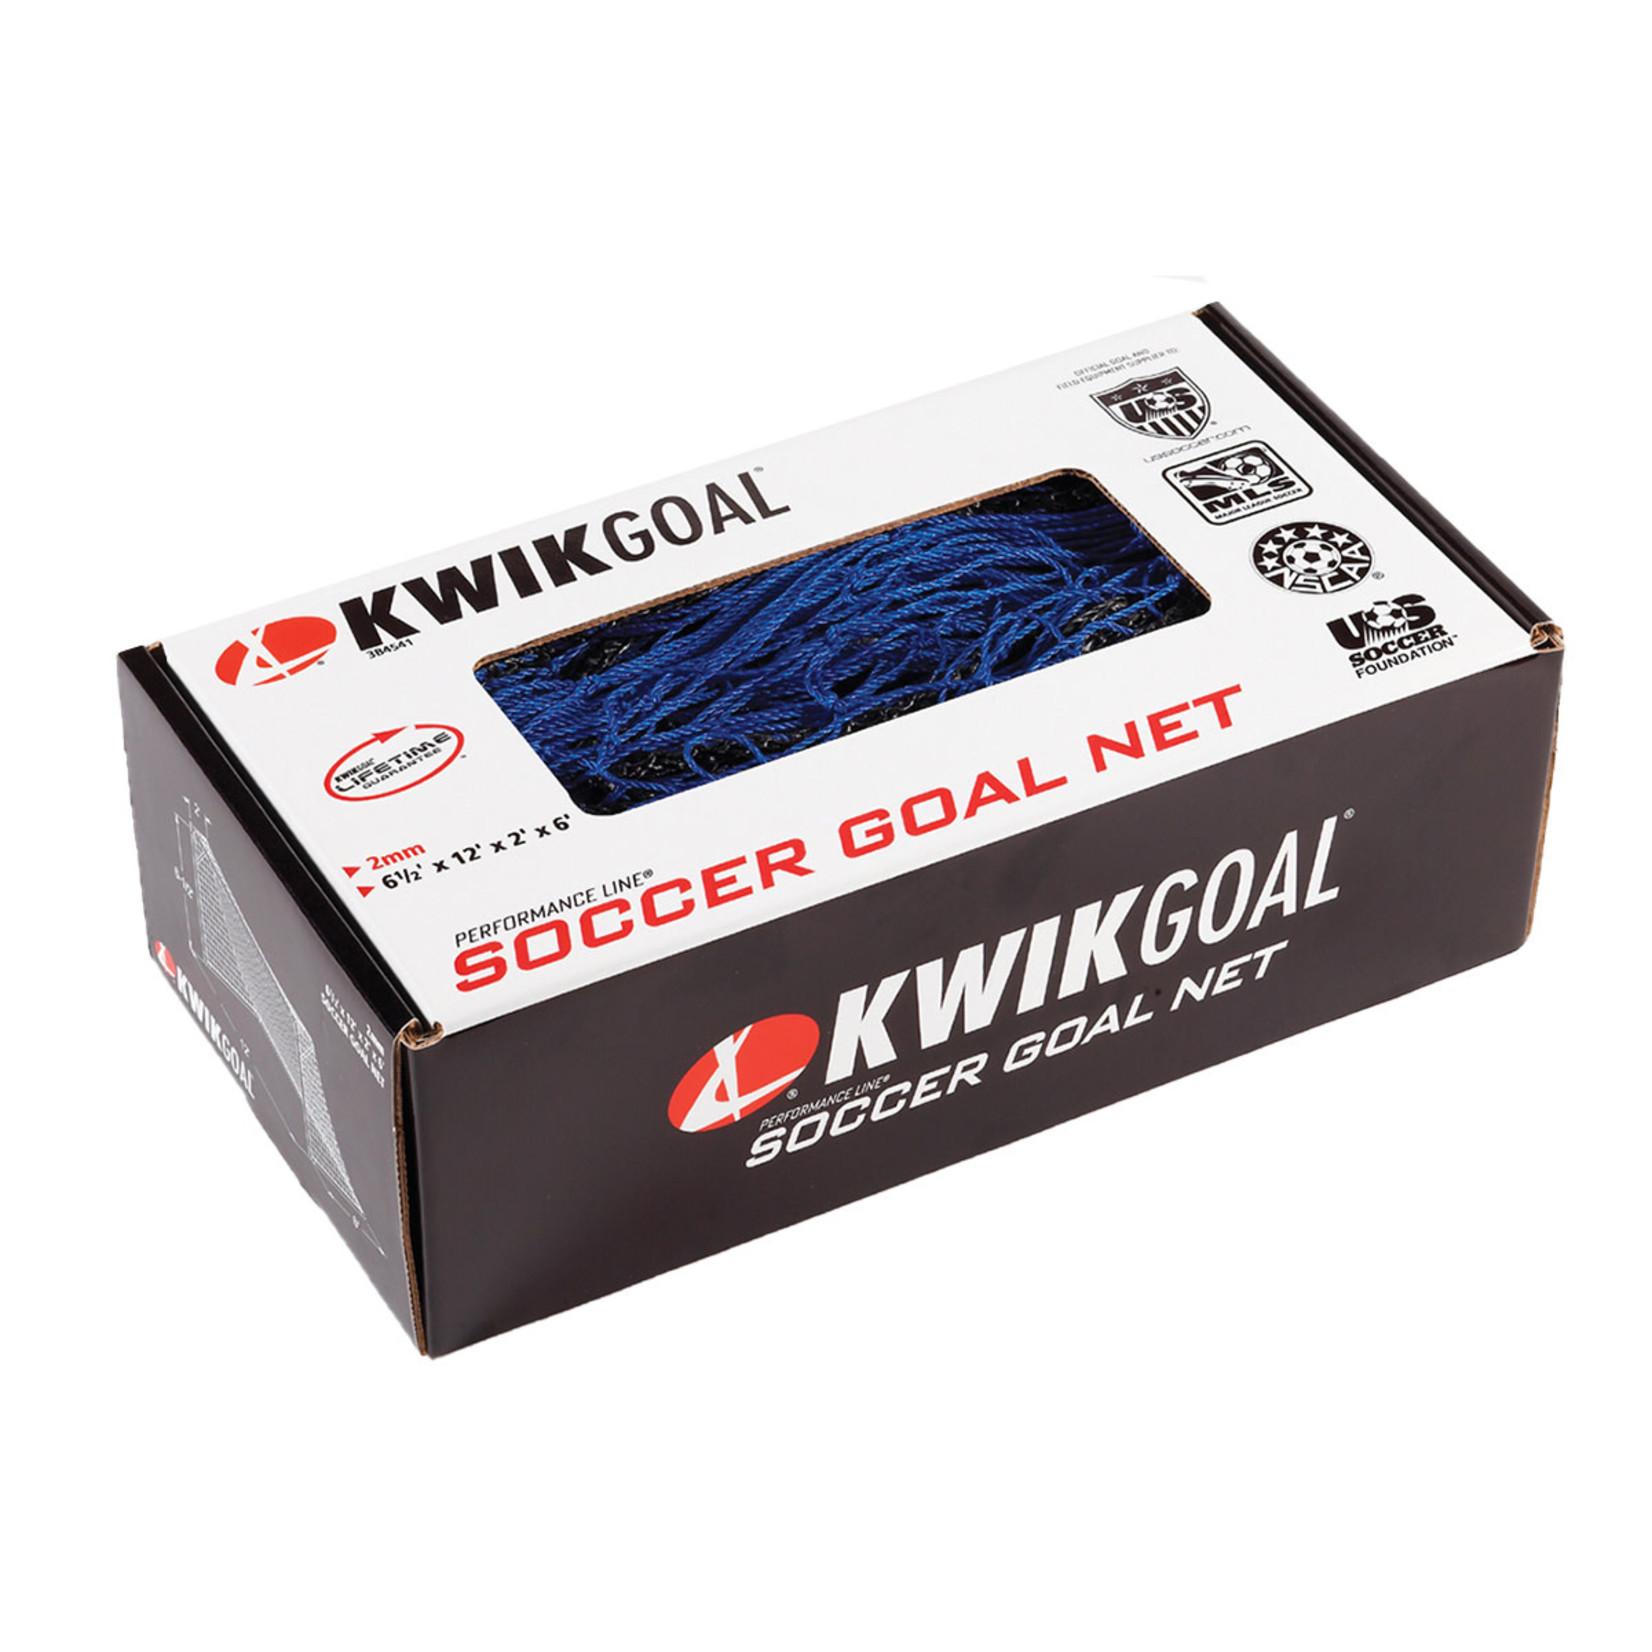 KWIK GOAL Junior Recreational Net - 6 1/2H x 12W x 2D x 6B, 120mm mesh, Solid Braid Knotless Net